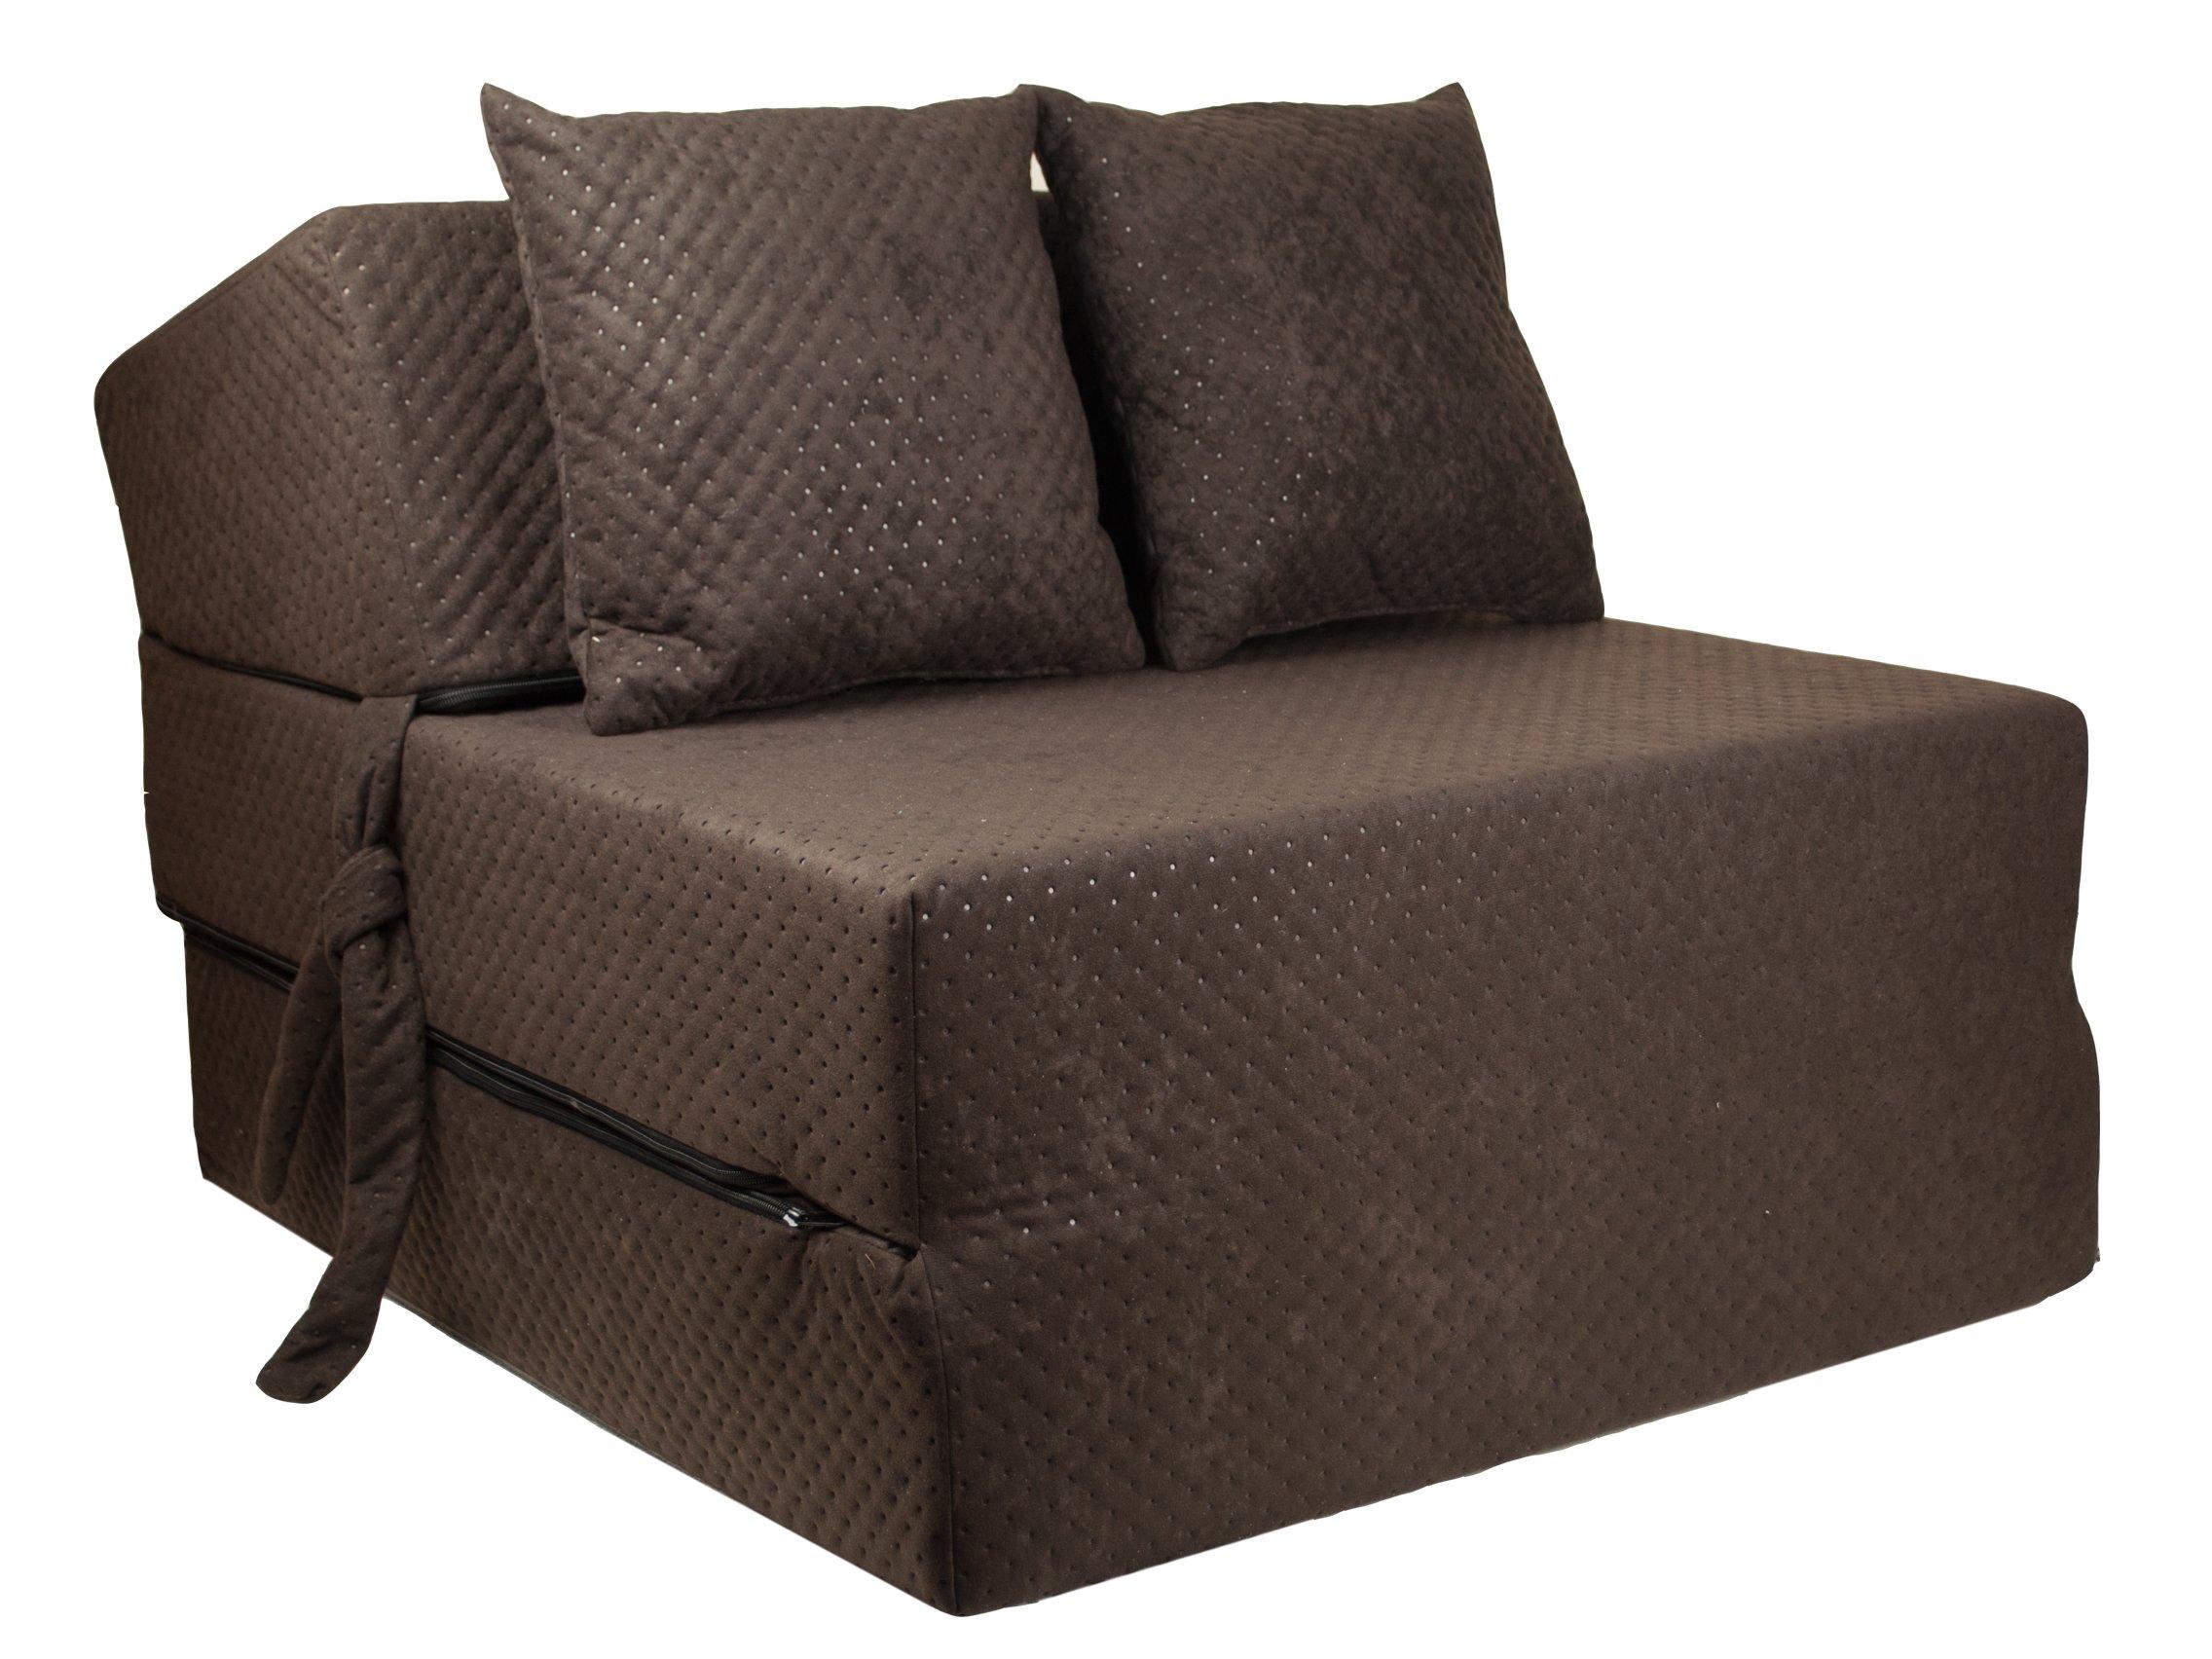 FIMEX Rozkládací křeslo SUPER Comfort pro hosty 70x200x15 Hnědá